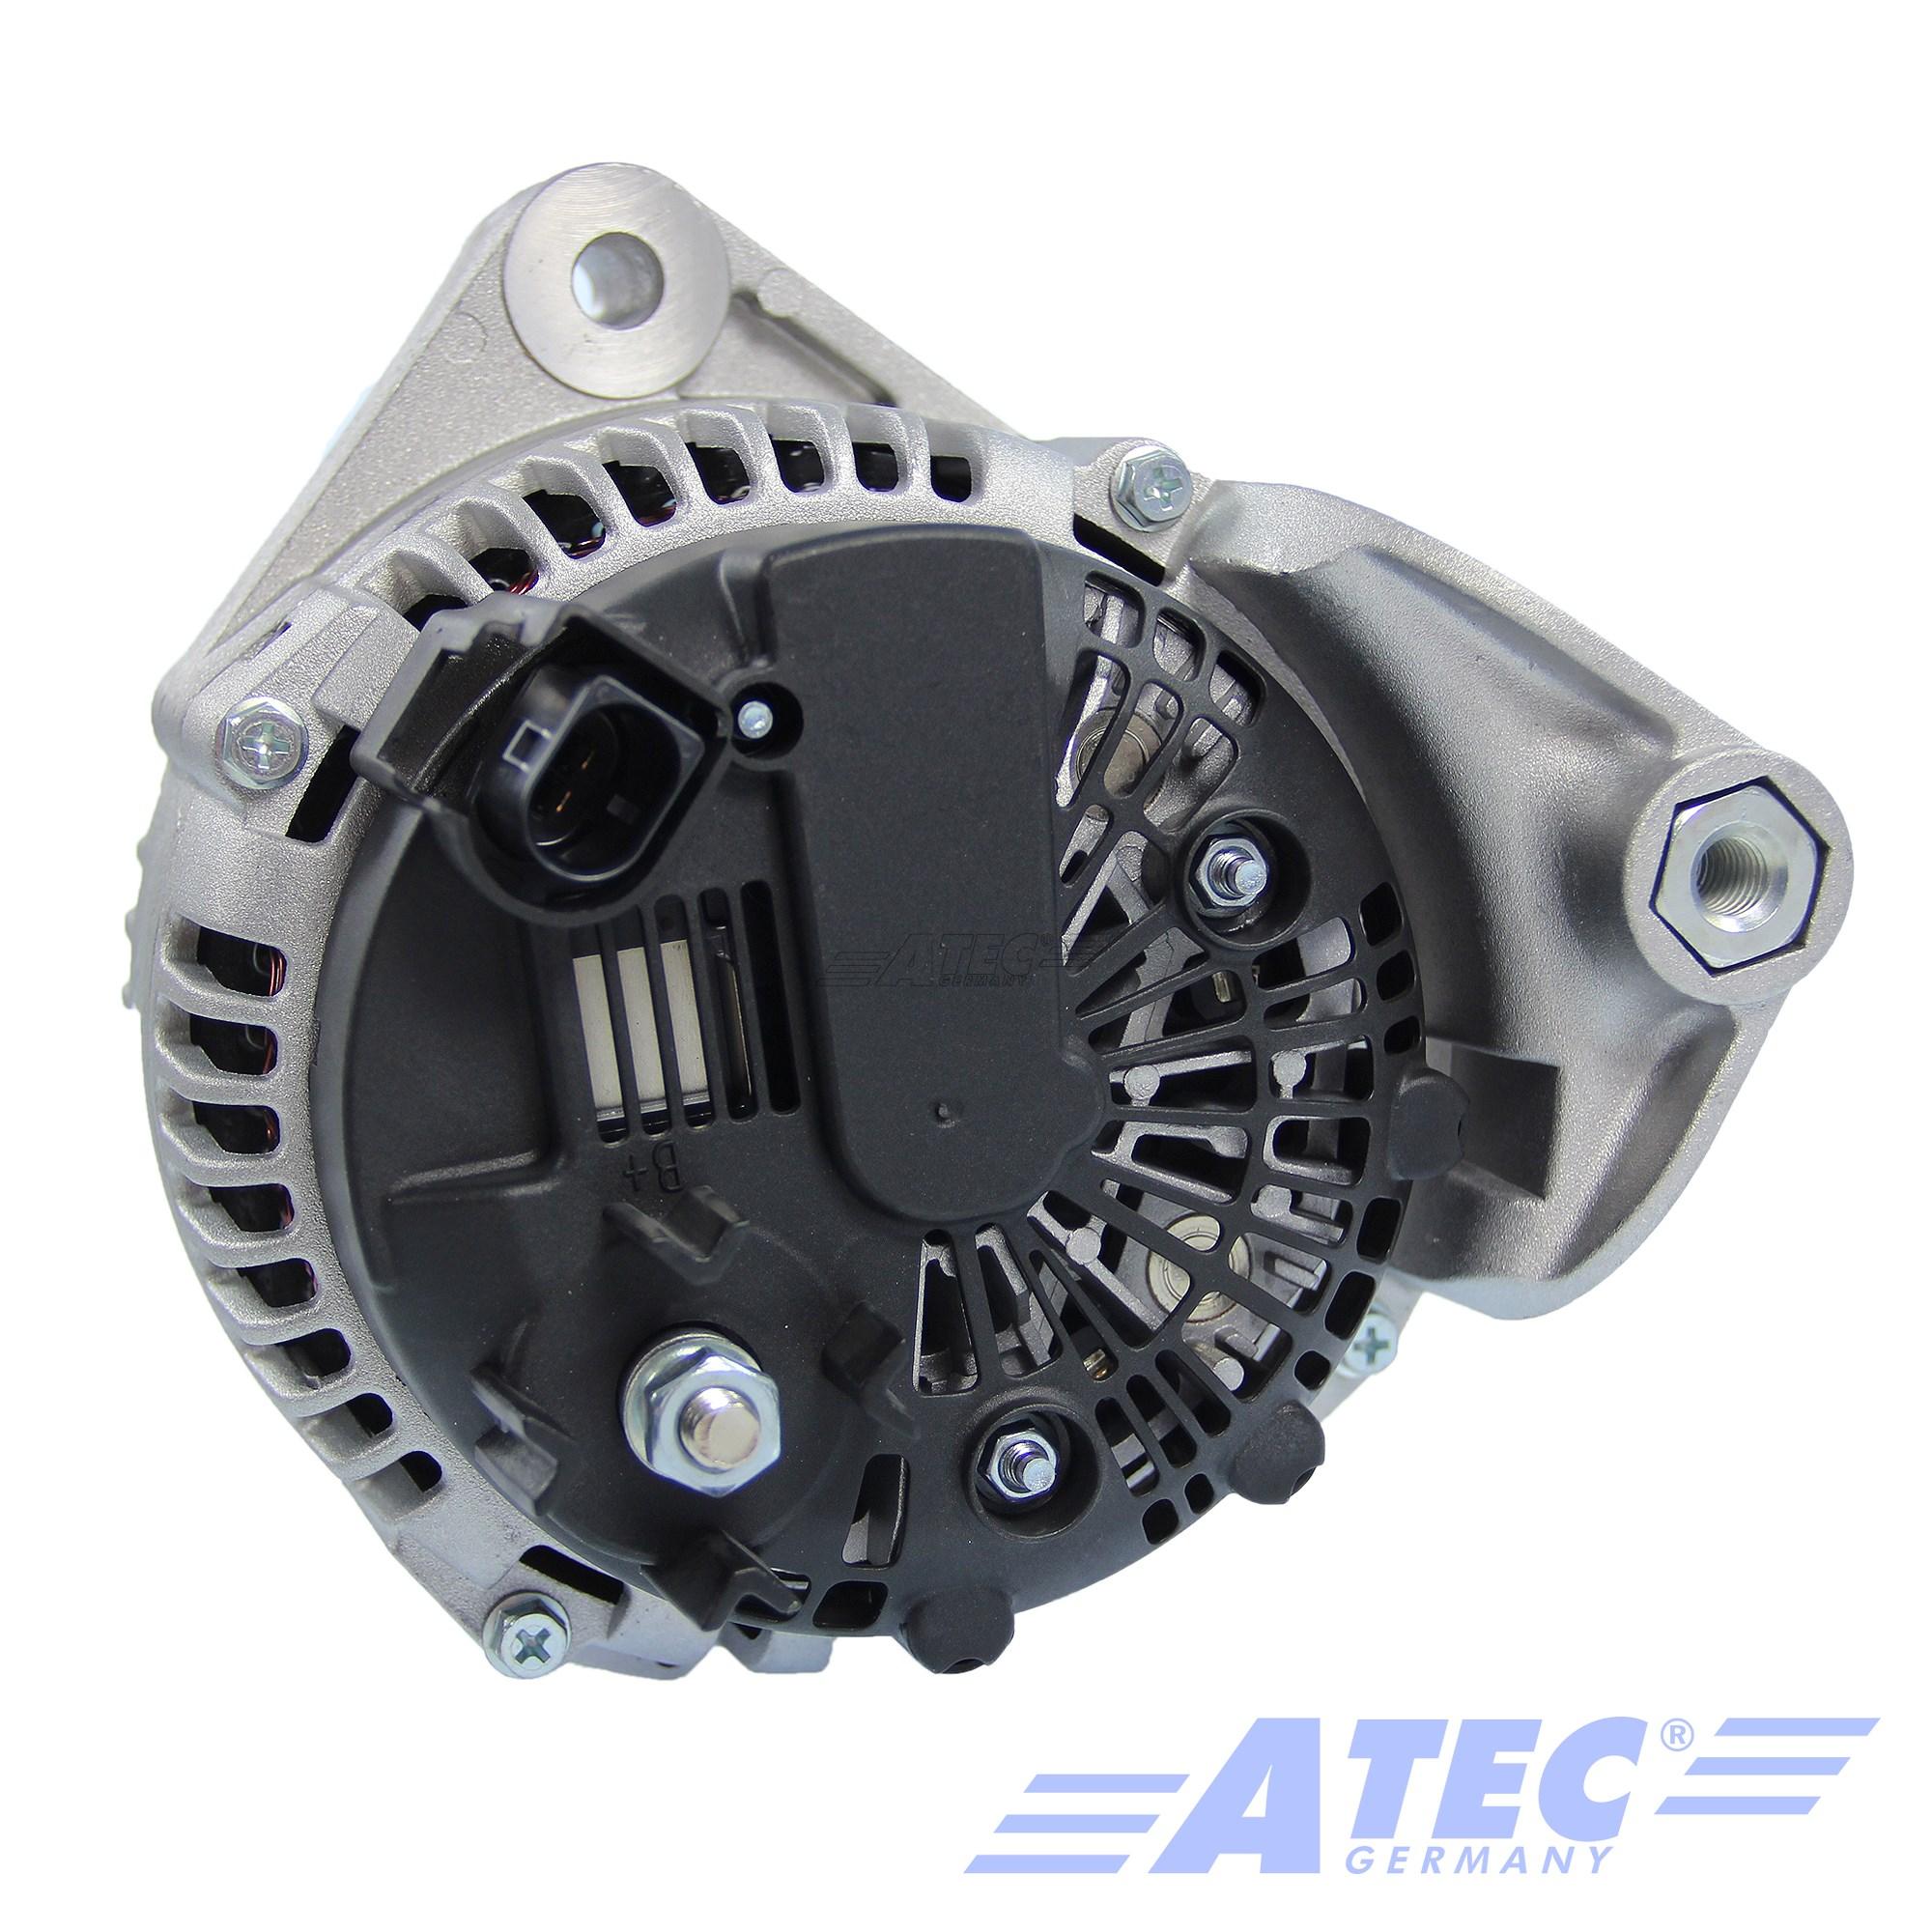 ATEC LICHTMASCHINE GENERATOR 170-A NEUTEIL KEIN PFAND 32089749